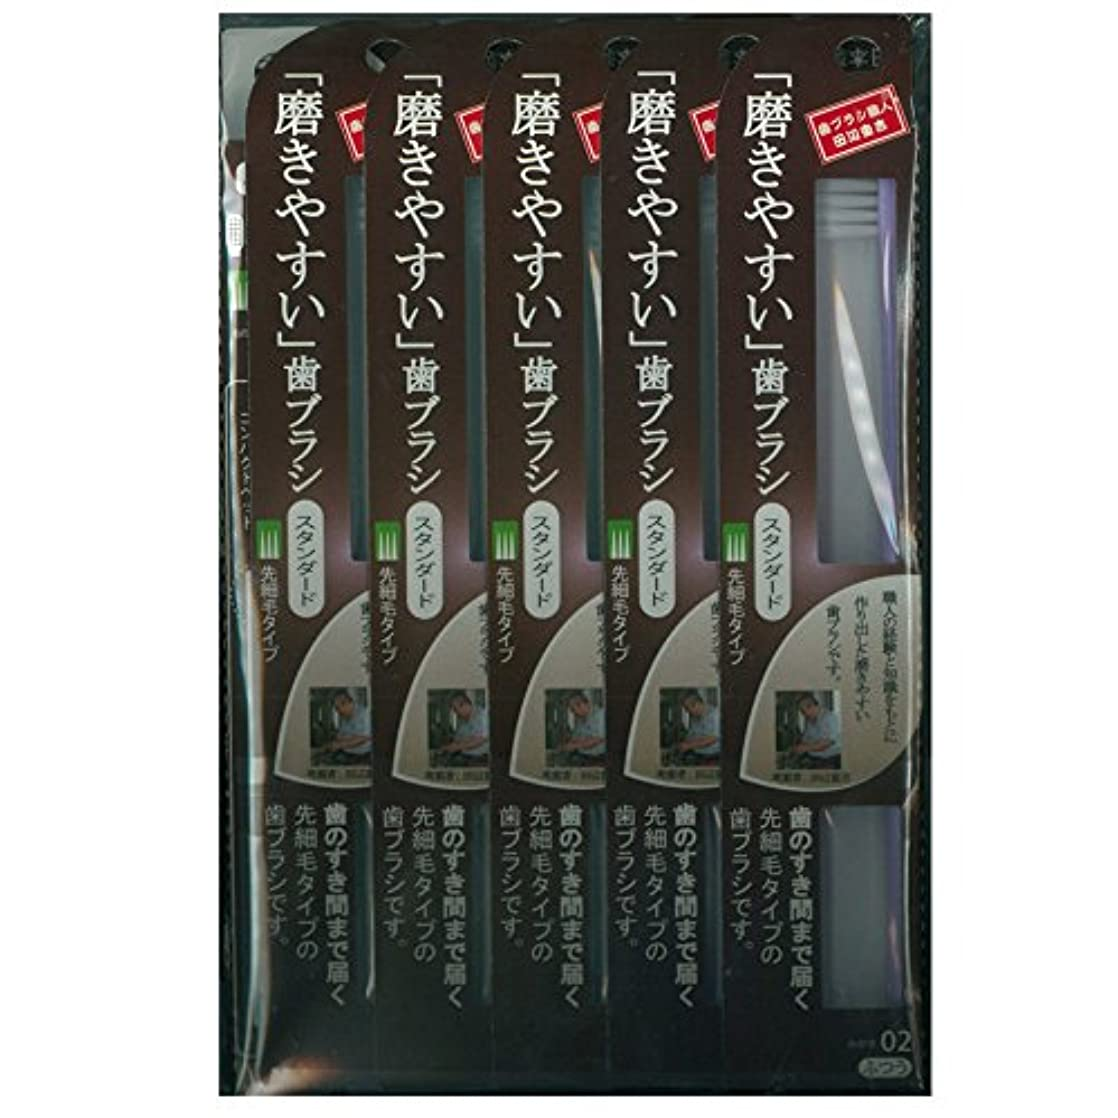 ピッチ機械的範囲磨きやすい歯ブラシ先細 LT-02×12本セット( ピンク×4本、ブルー×4本、グリーン×2本、パープル×2本)